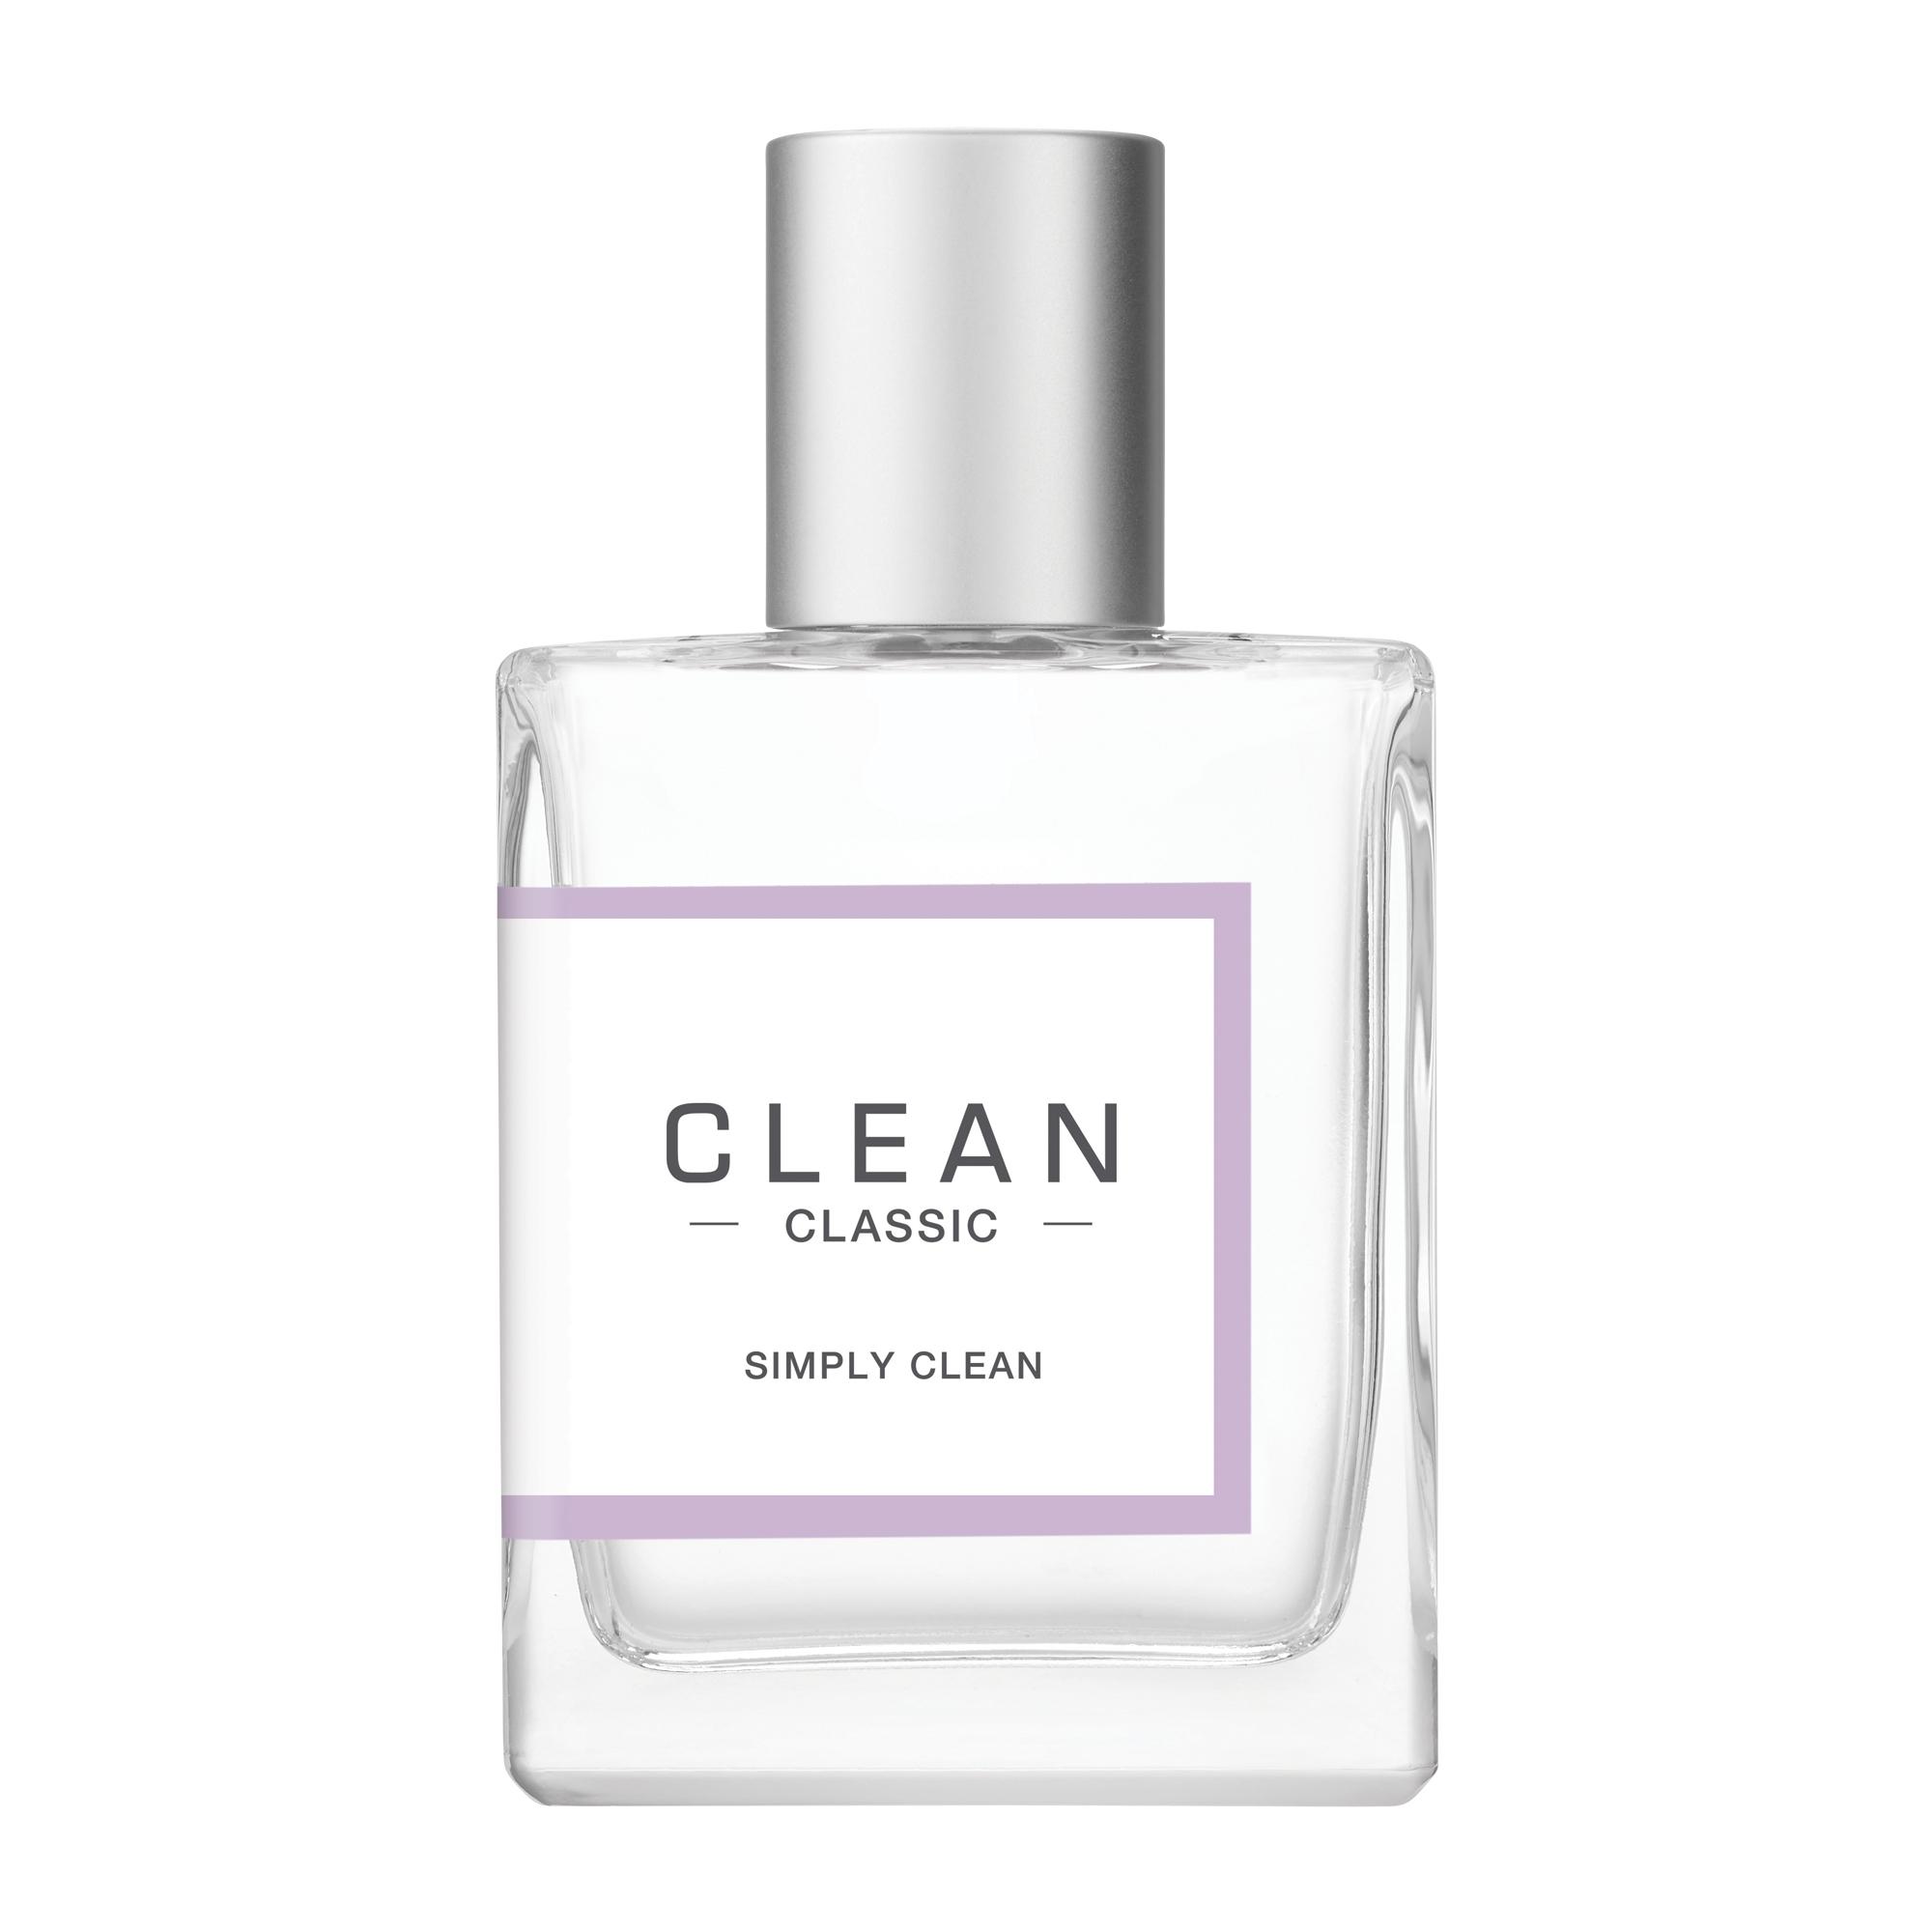 CLEAN Simply Clean EDP, 60 ml